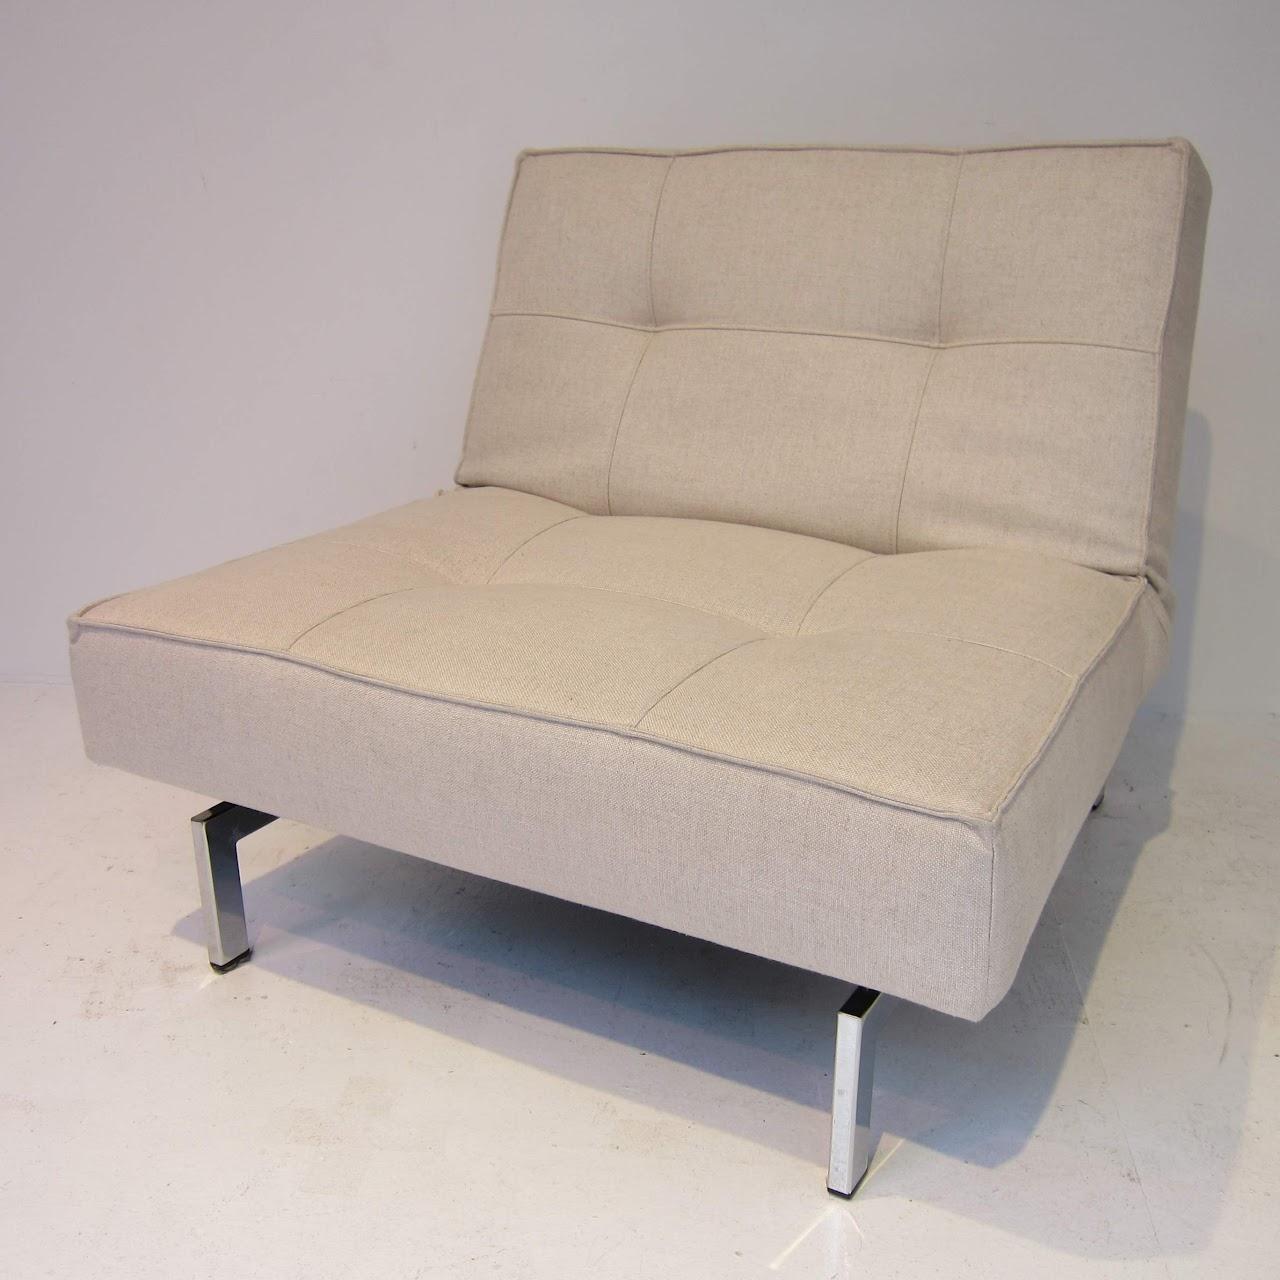 Miraculous Abc Carpet Home Convertible Chair Ottoman Shophousingworks Lamtechconsult Wood Chair Design Ideas Lamtechconsultcom